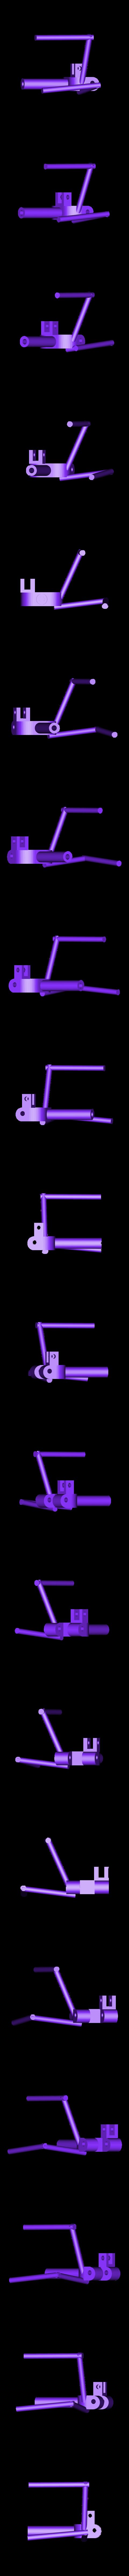 wiel-r.stl Download free STL file trick (custom) • 3D printer model, jasperbaudoin